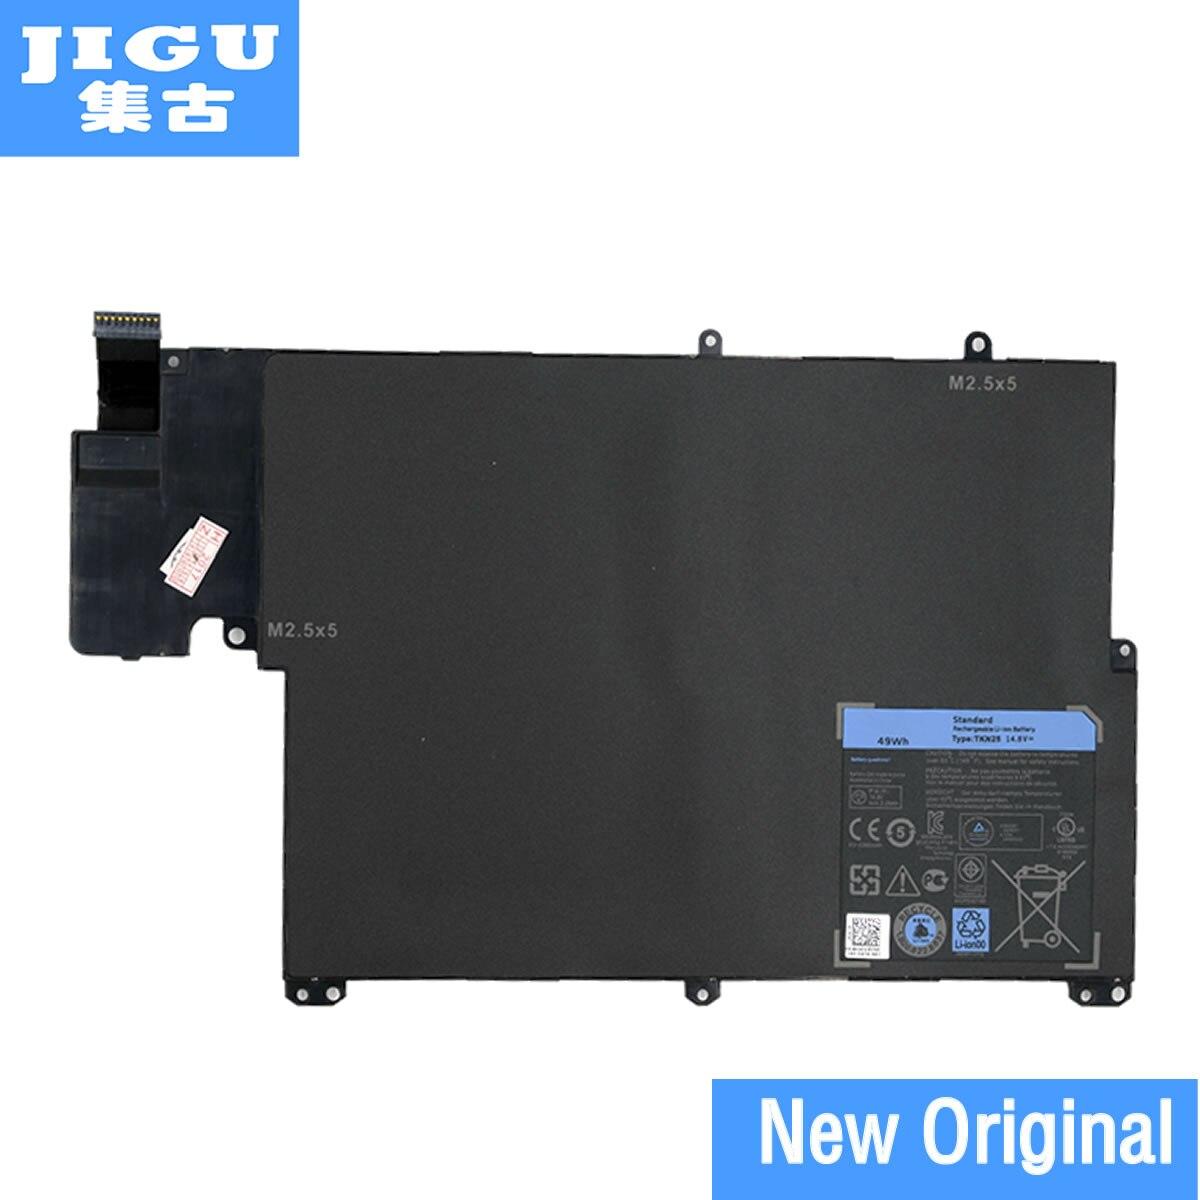 JIGU RU485 TKN25 TRDF3 V0XTF VOXTF Batterie D'ordinateur Portable D'origine Pour Dell Pour INSPIRON 5323 13Z-5323 Vostro 3360 15-3000 3546D